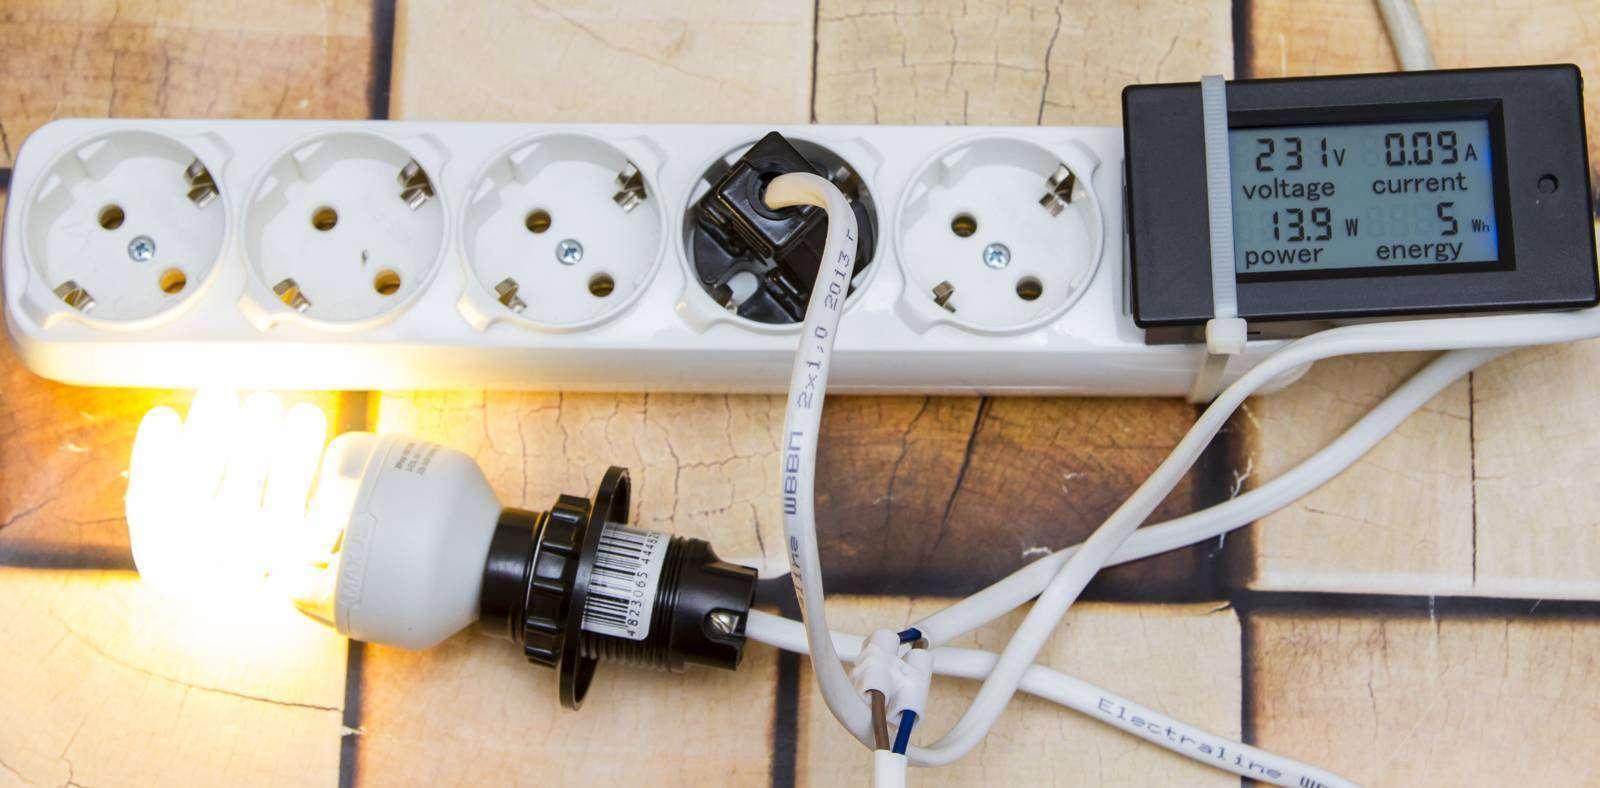 Banggood: Еще раз к вопросу о энергосбережении, LED лампы E14 на 3,5 ватт